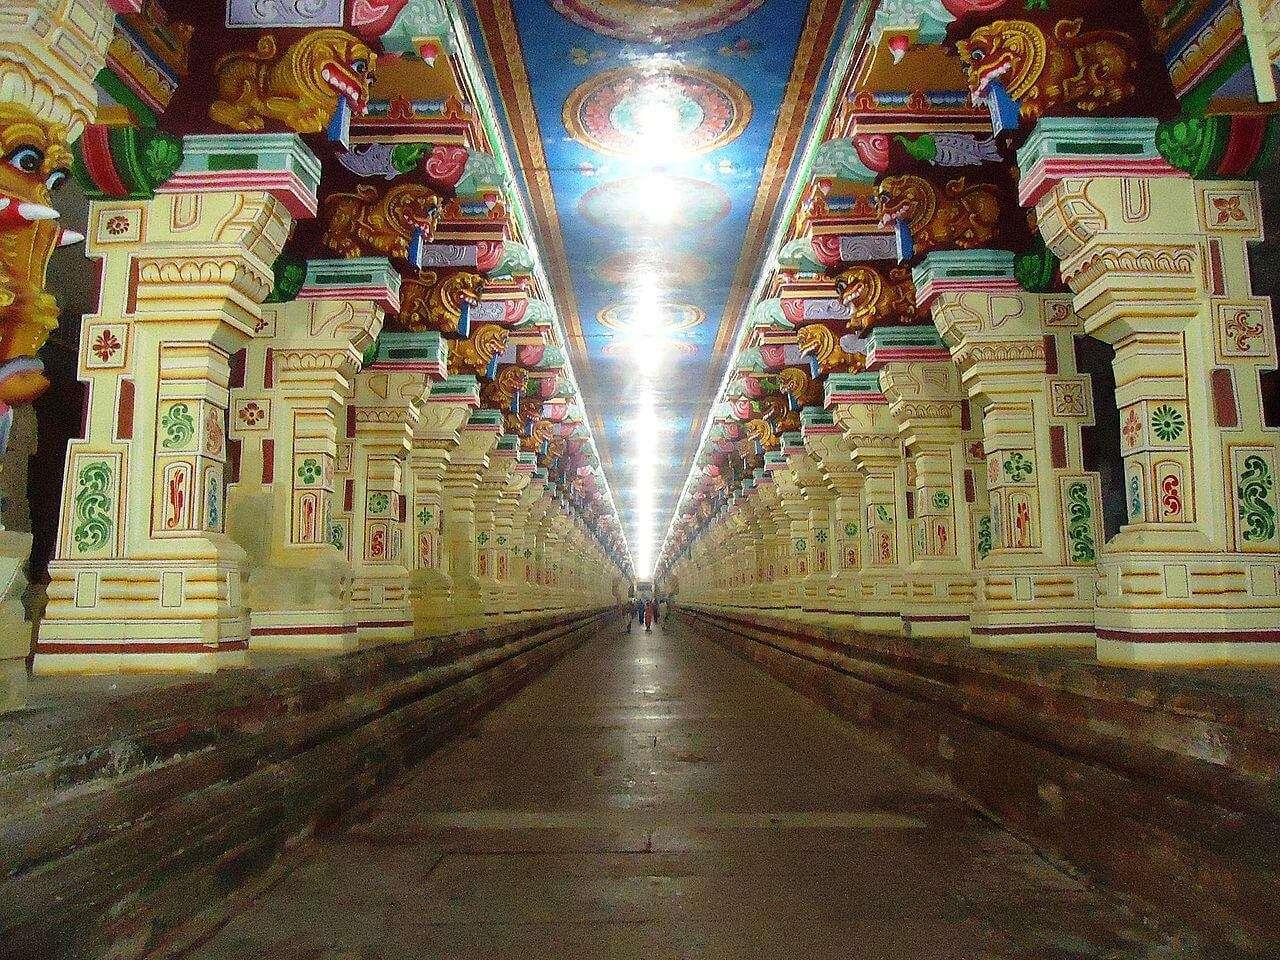 inside a temple in rameshwaram